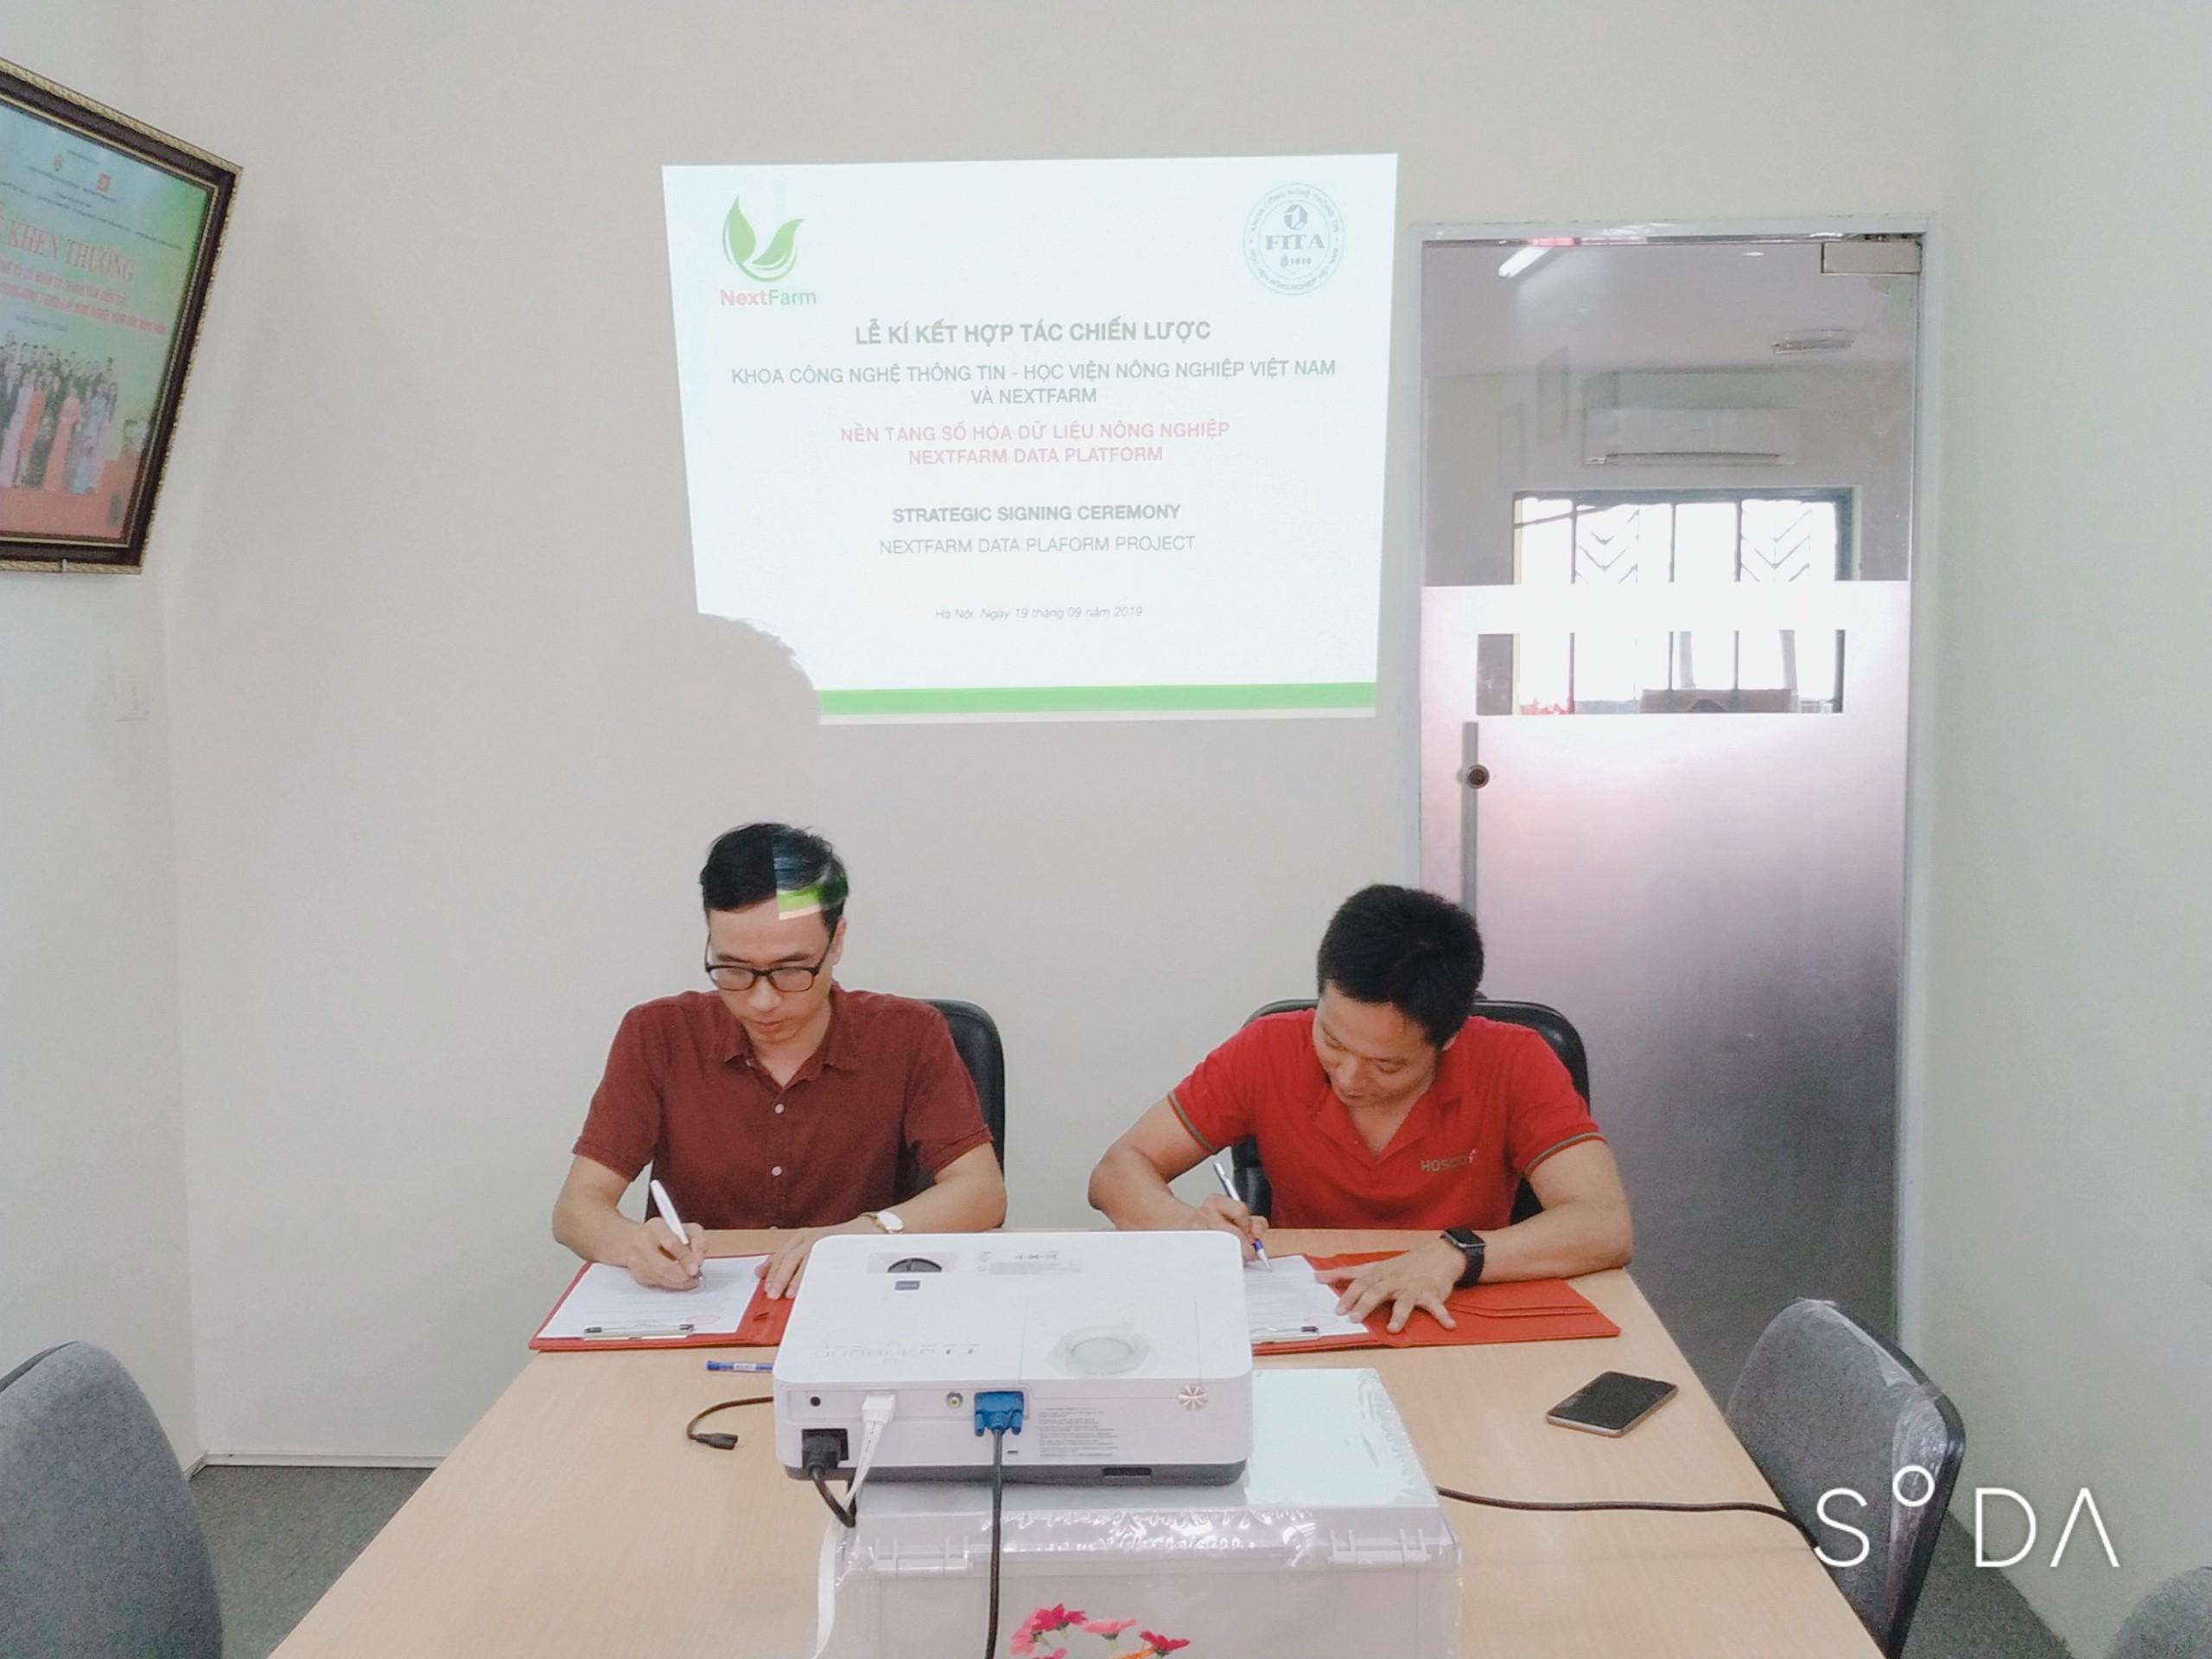 Nextfarm chính thức kí hợp đồng hợp tác chiến lược với Khoa CNTT Học Viện Nông nghiệp Việt Nam trong việc số hoá dữ liệu cây trồng trên nền tảng Nextfarm Data Platform